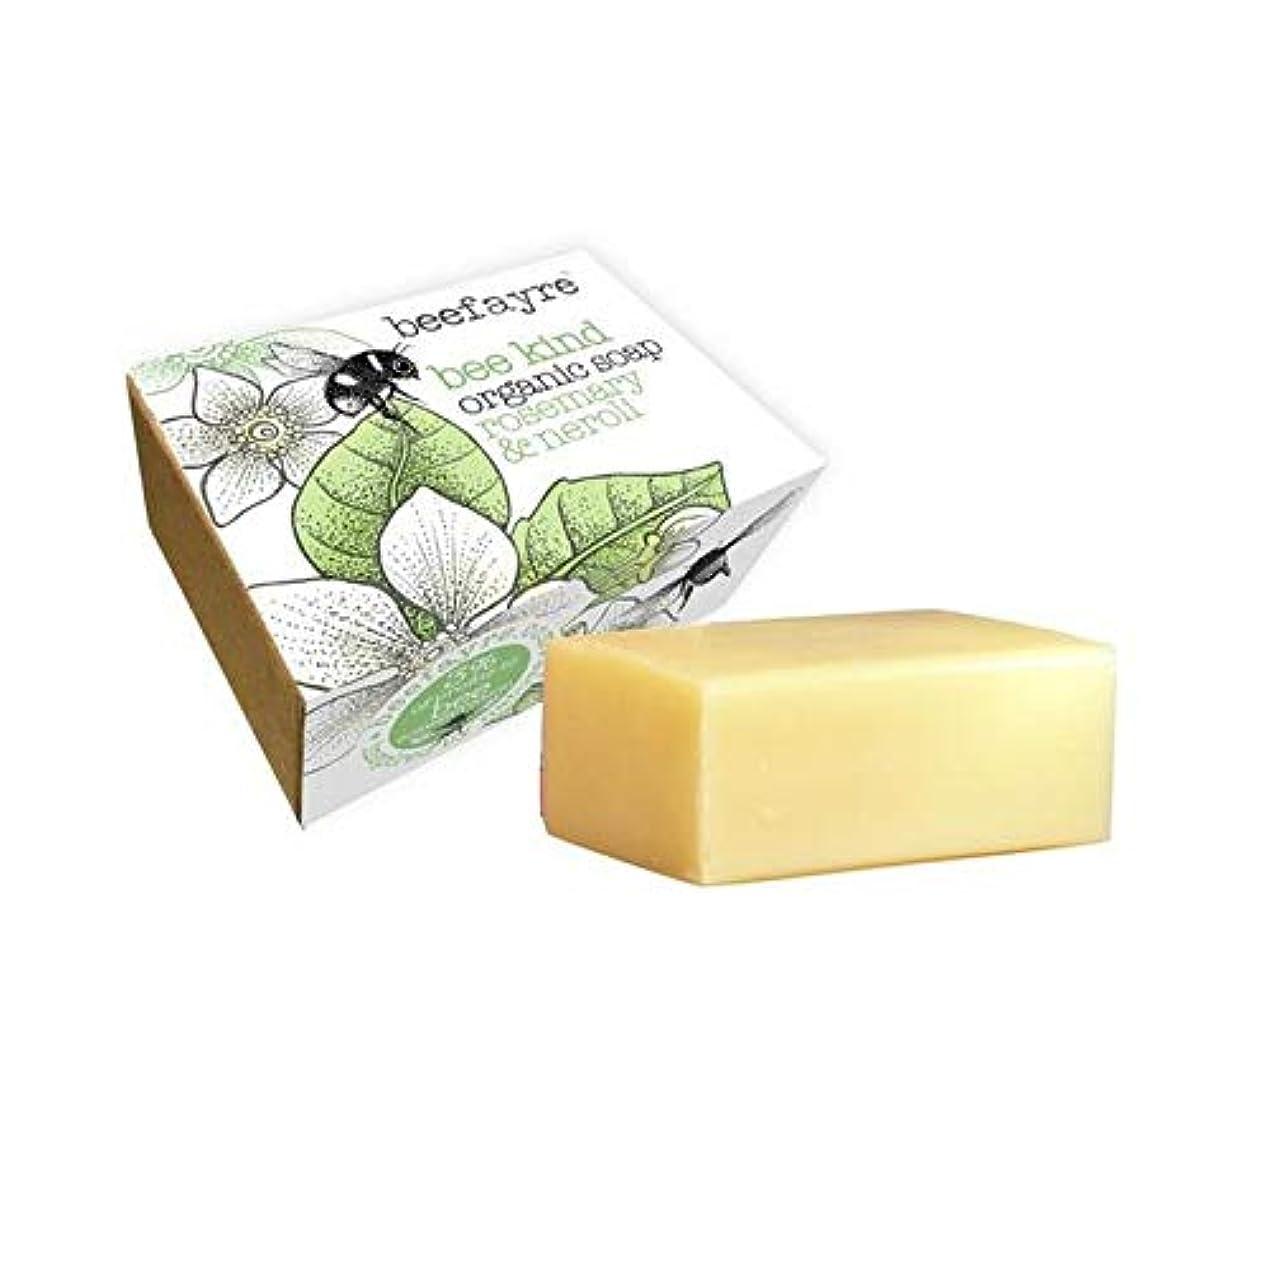 保証引き金買い手[Beefayre] 有機ローズマリー&ネロリソープバー100グラムBeefayre - Beefayre Organic Rosemary & Neroli Soap Bar 100g [並行輸入品]